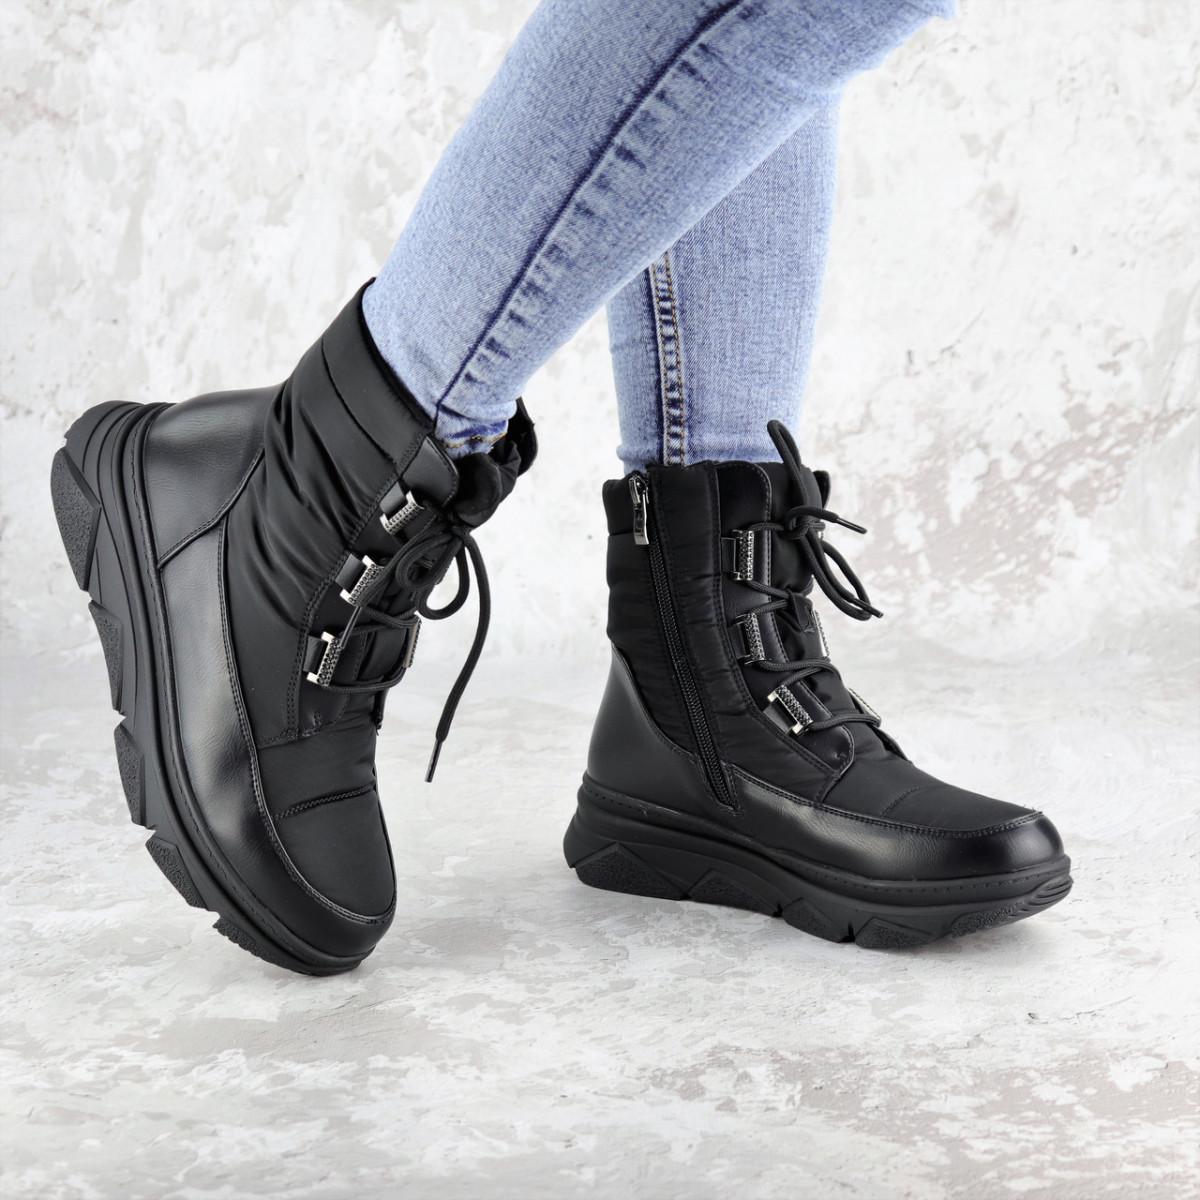 Ботинки дутики женские зимние черные Lizzie 2313 (36 размер)